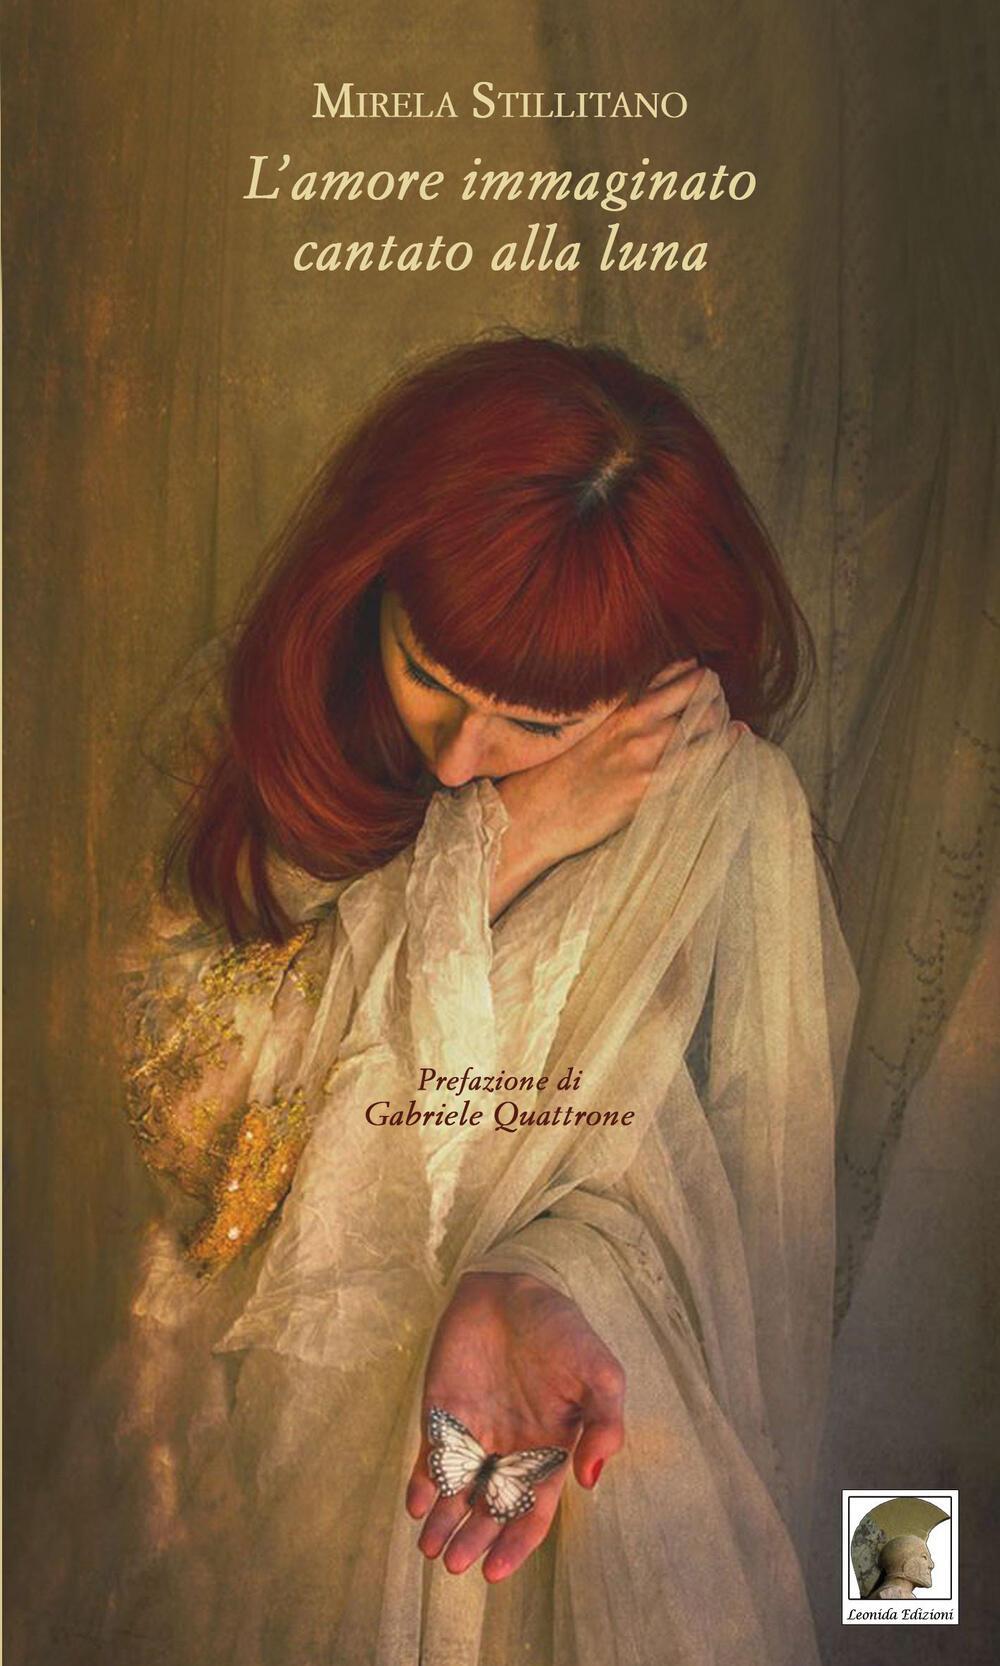 Mirela Stillitano - L'amore immaginato, cantato alla luna